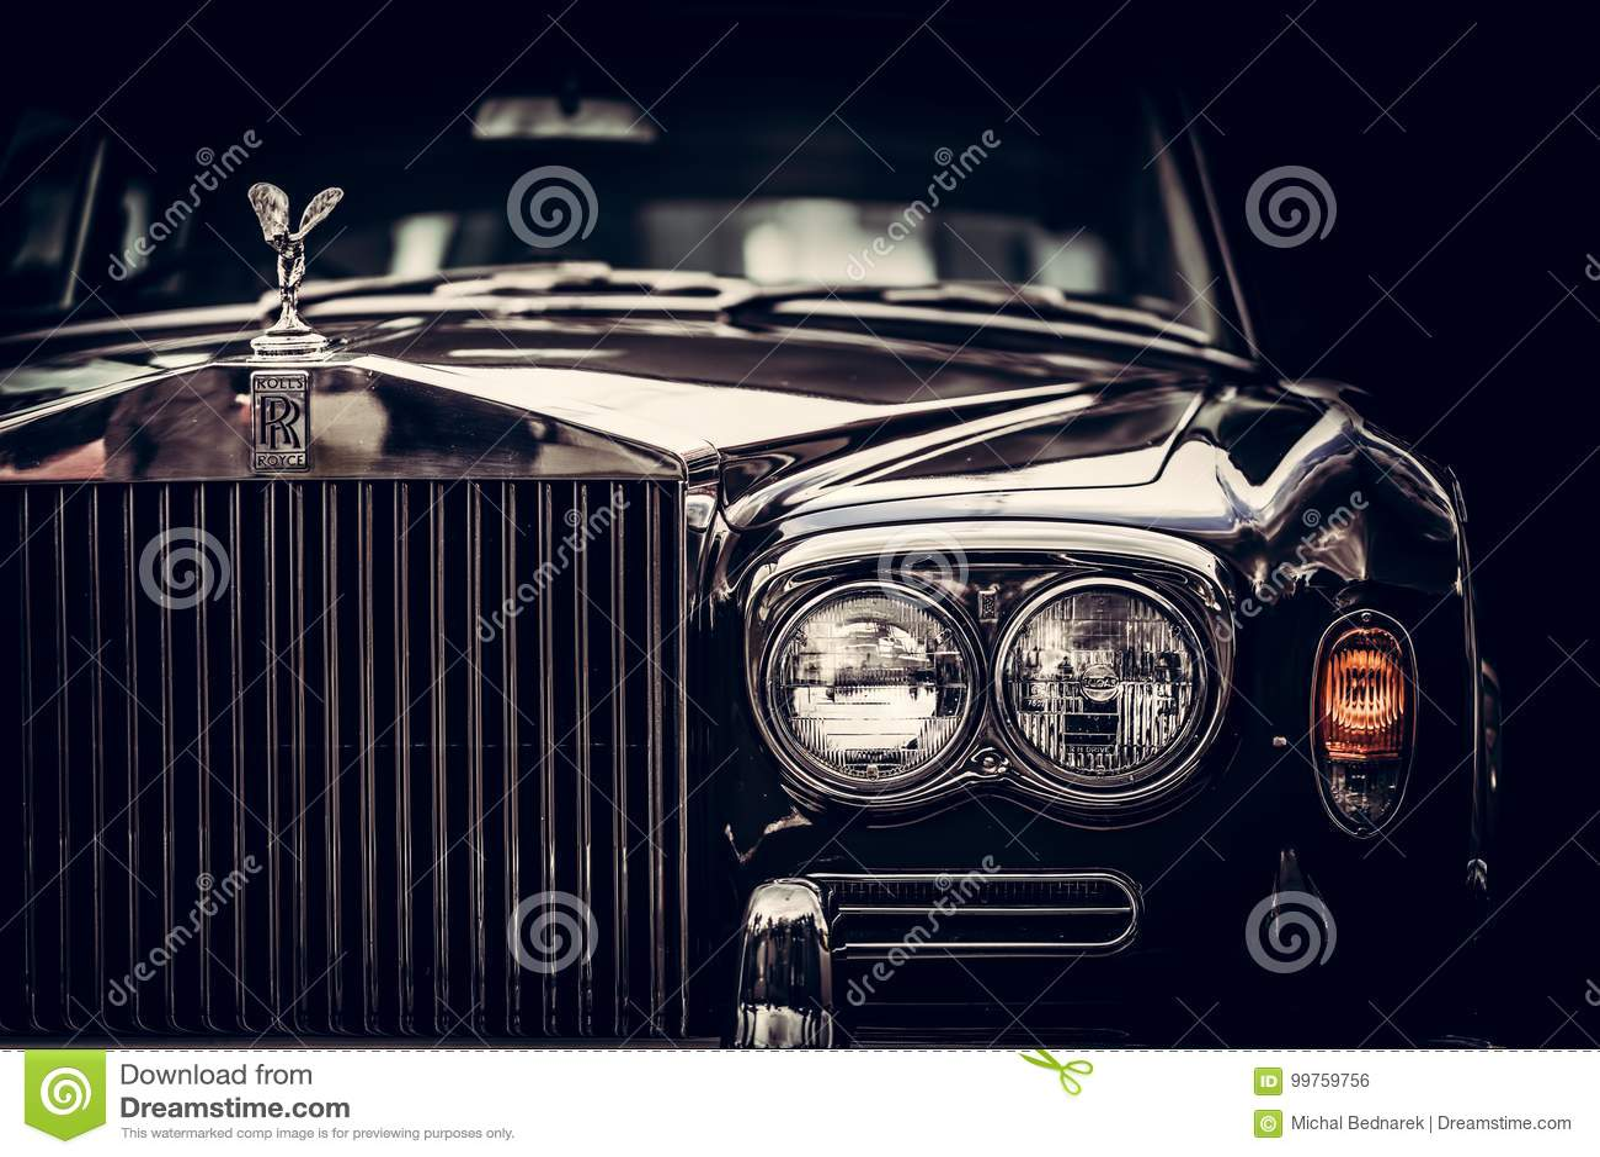 Rolls royce - carro britânico clássico no fundo preto, close-up